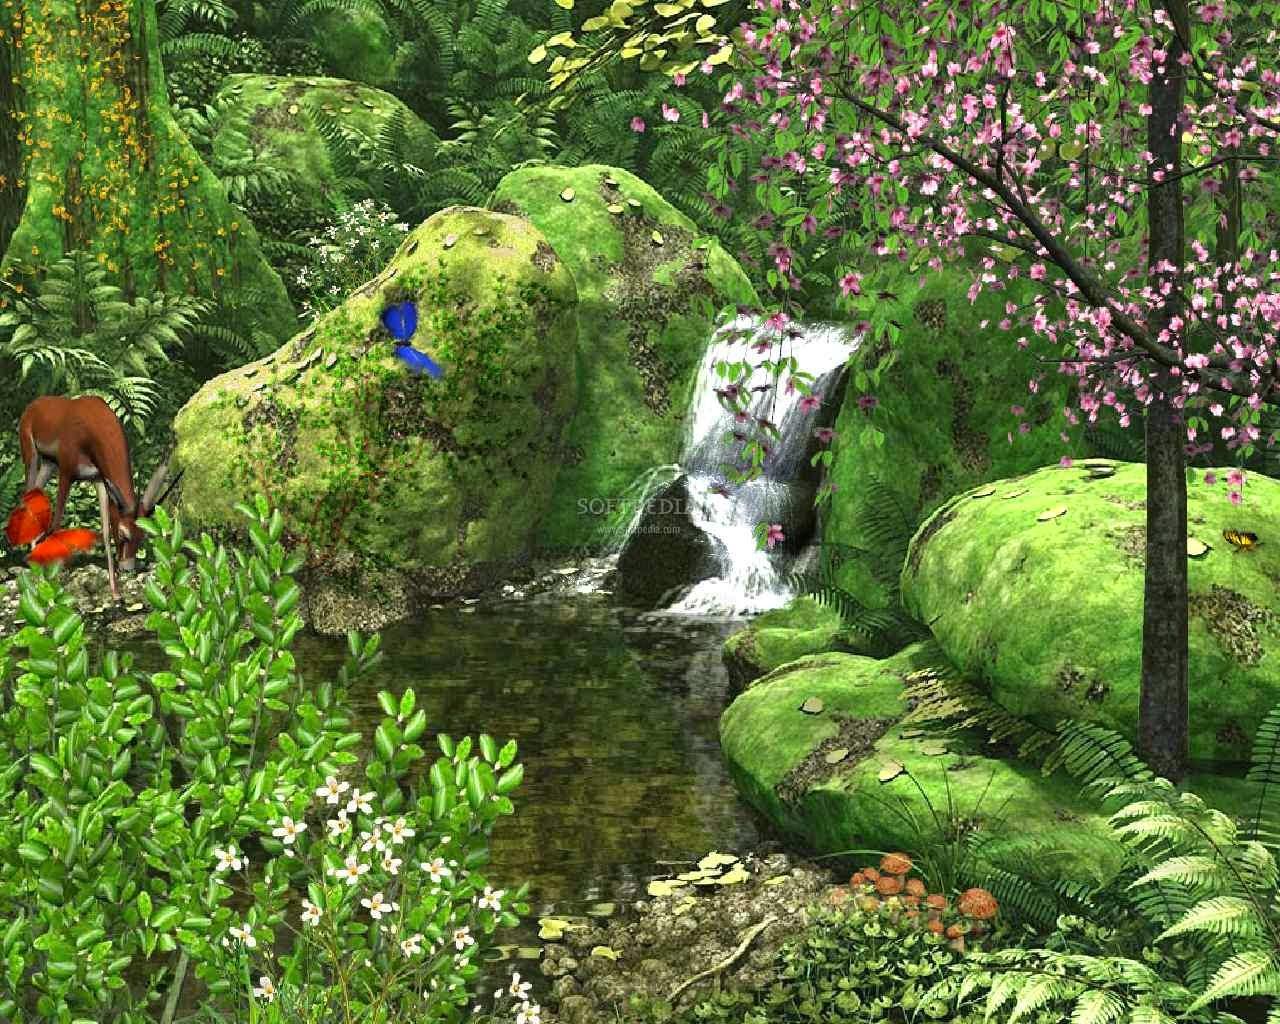 Sai Baba Animated Wallpaper For Mobile Animated Nature Wallpaper Wallpaper Animated